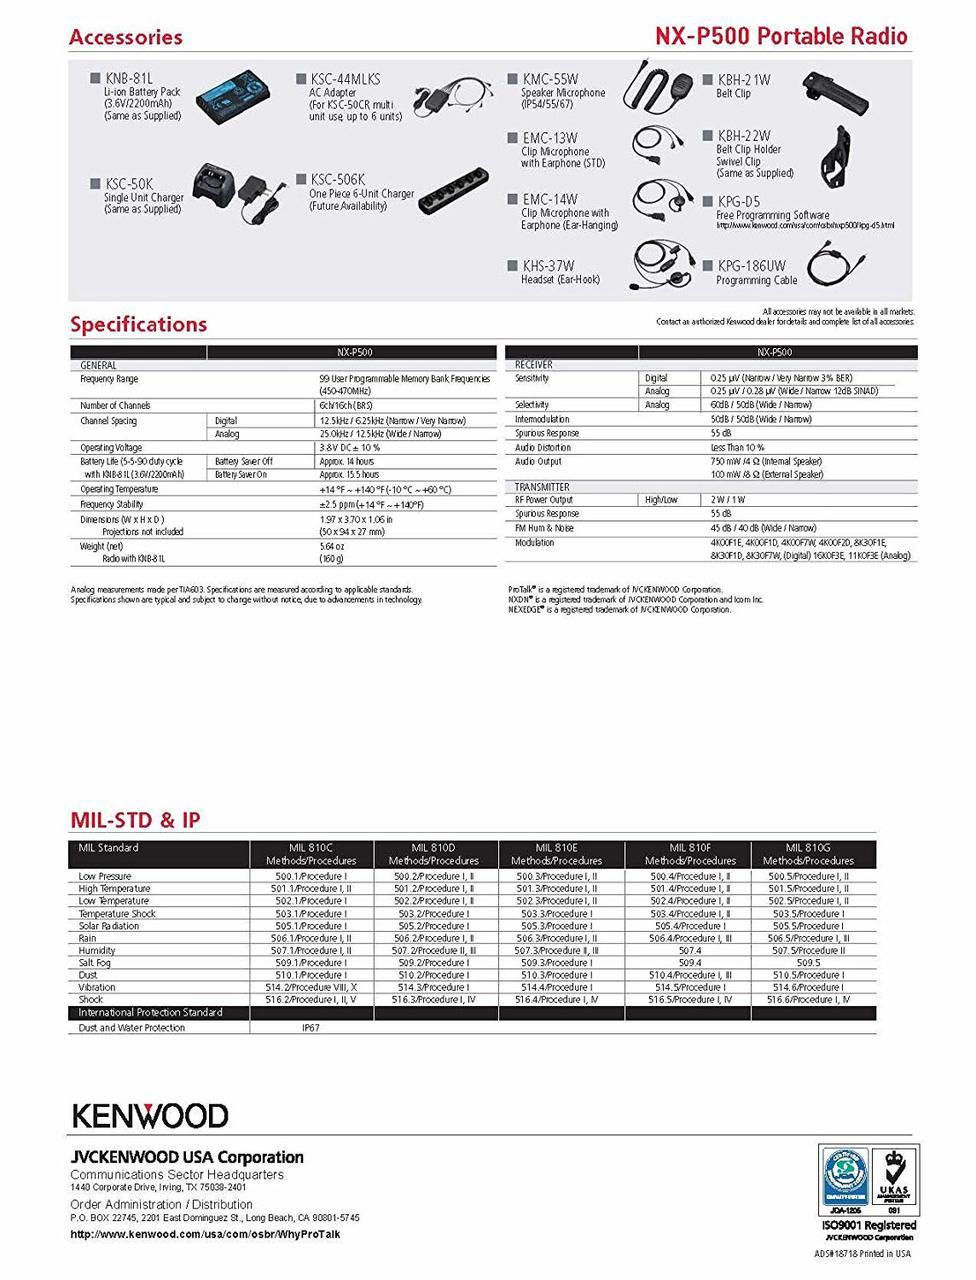 Kenwood NX-P500 Spec Sheet Page 2